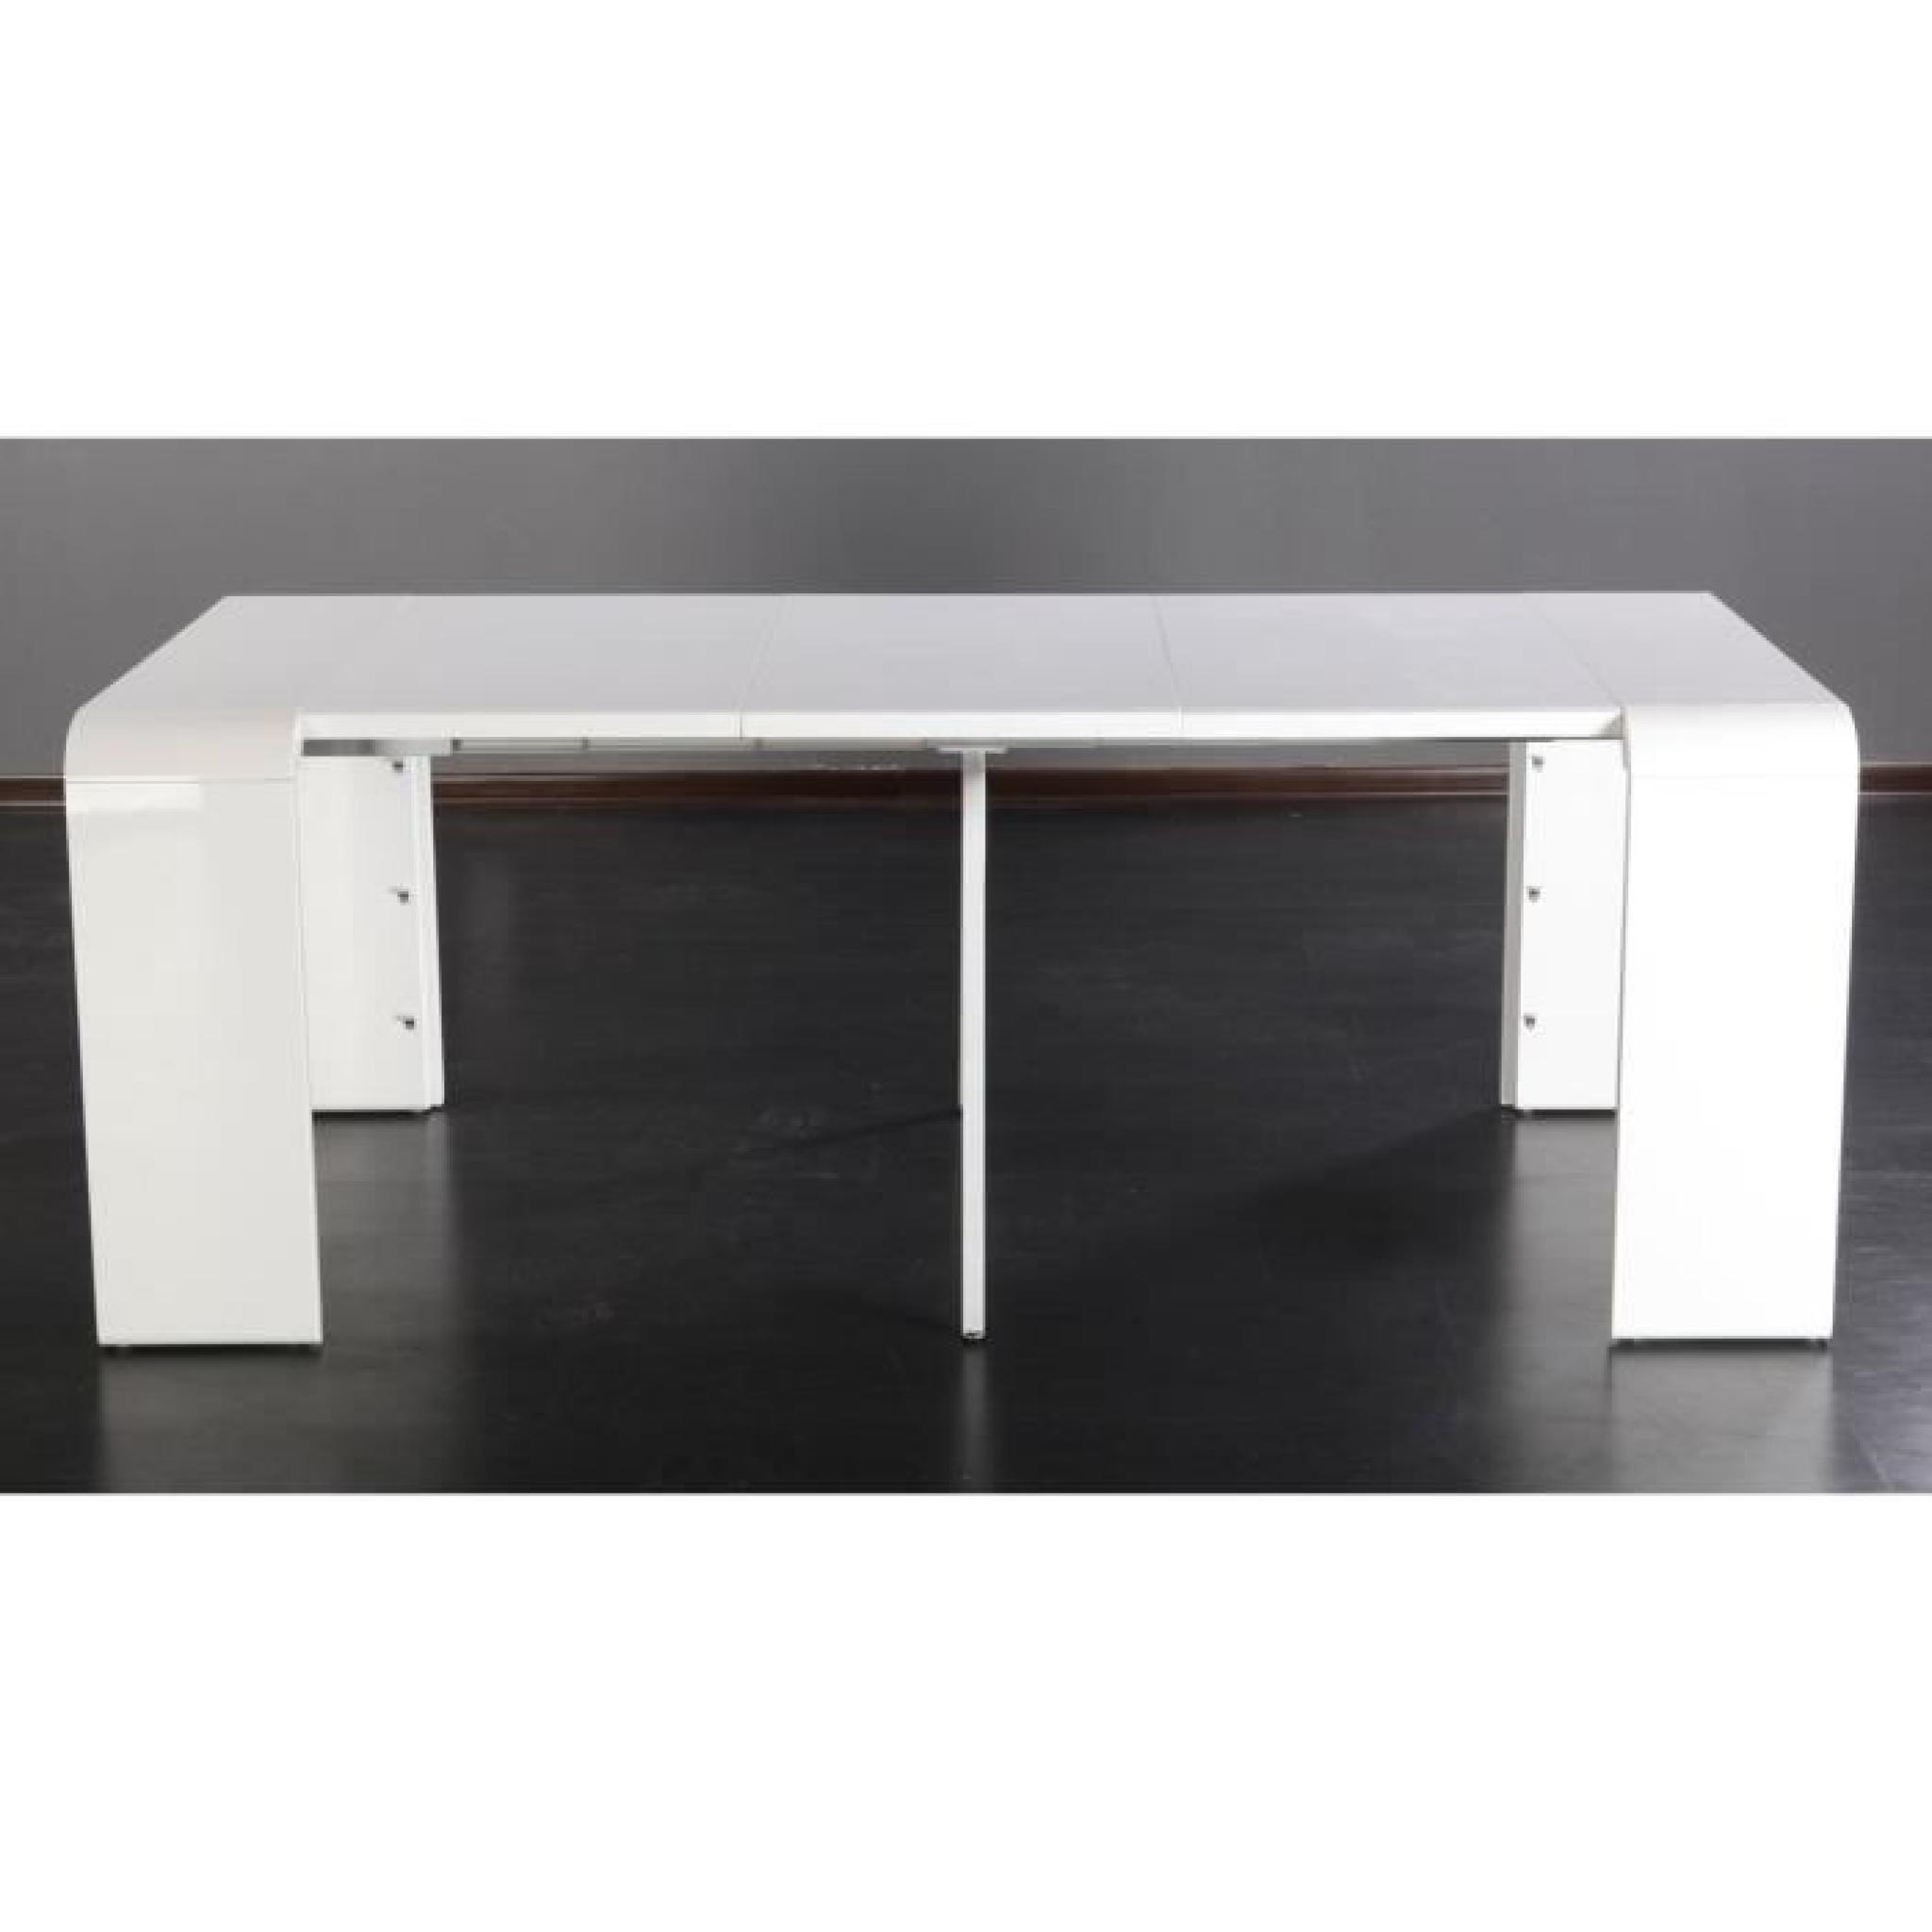 Console Extensible Laque Blanc Extansia Achat Vente Ensemble Salle